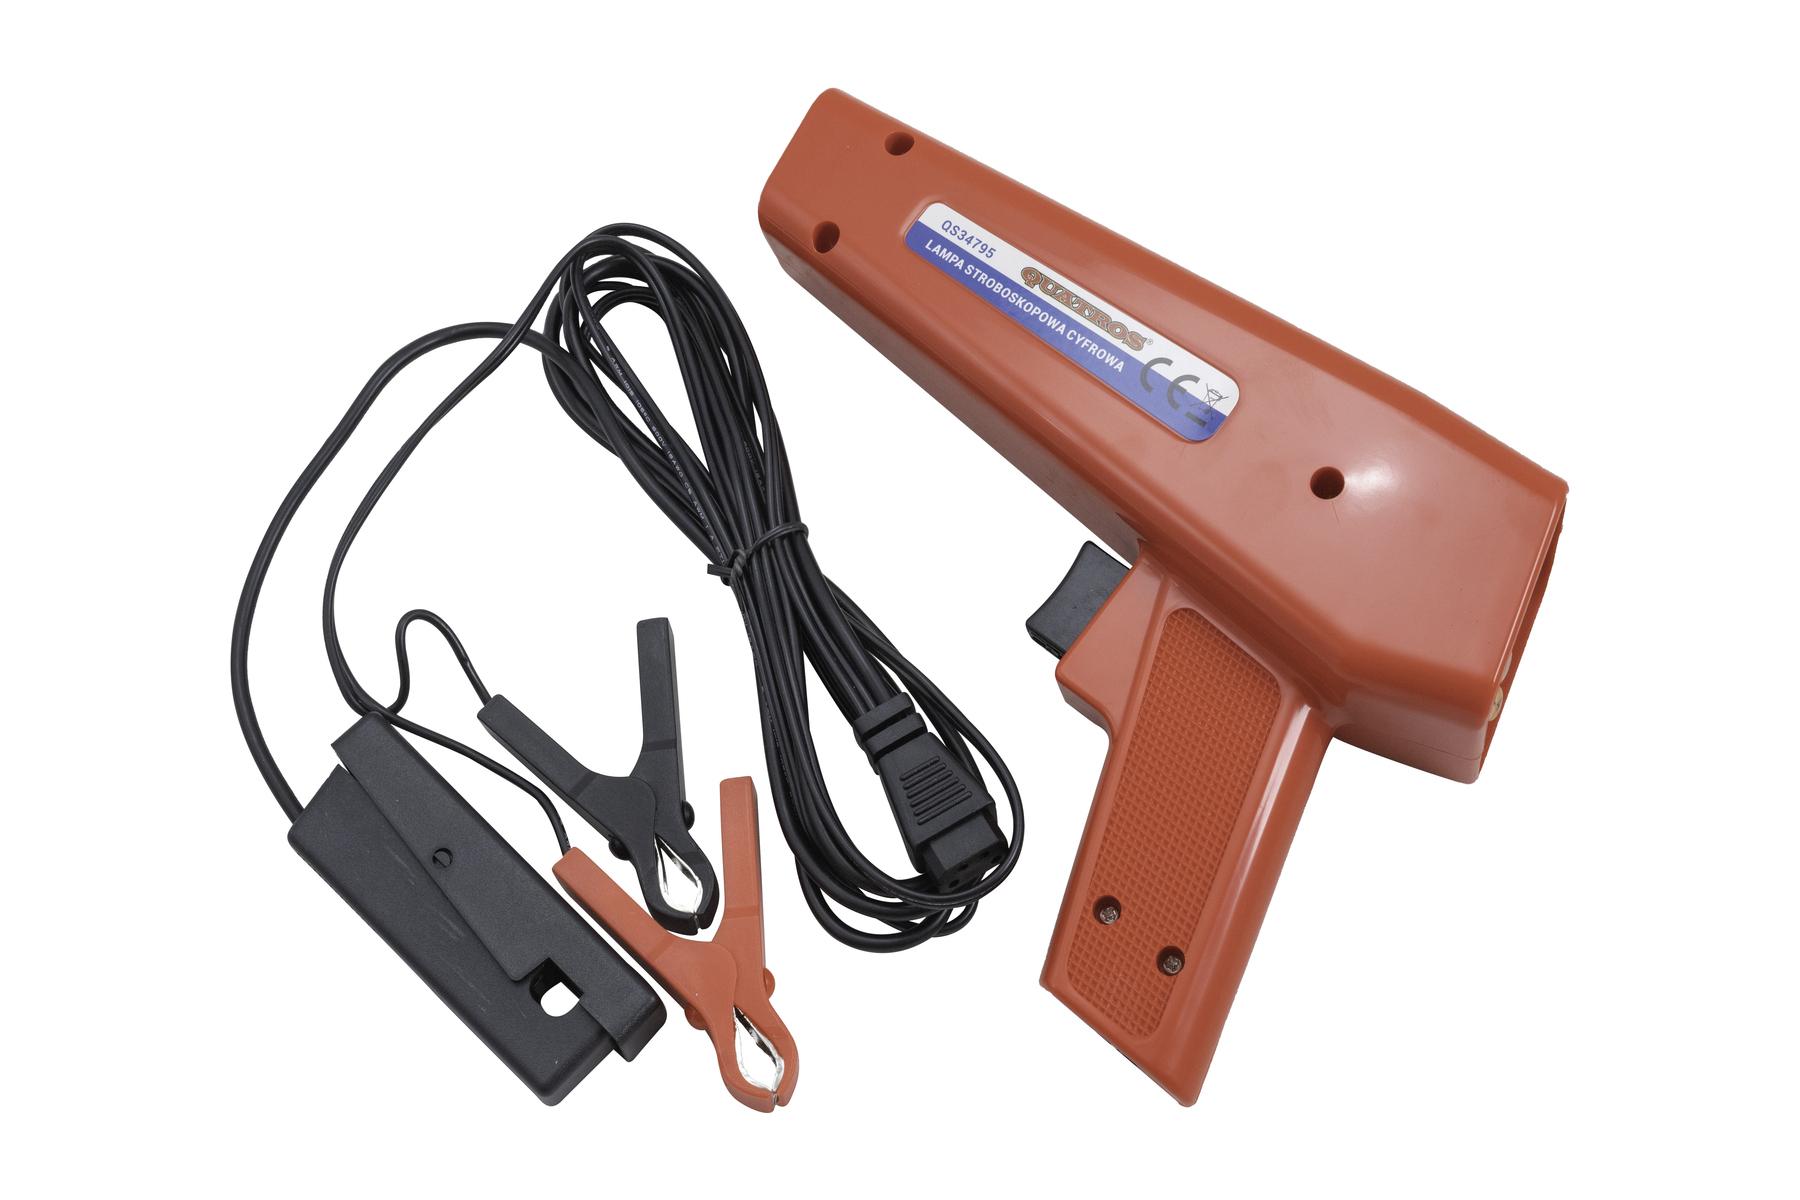 Lampa stroboskopická pro seřízení zapalování motoru, s displejem - QUATROS QS34795